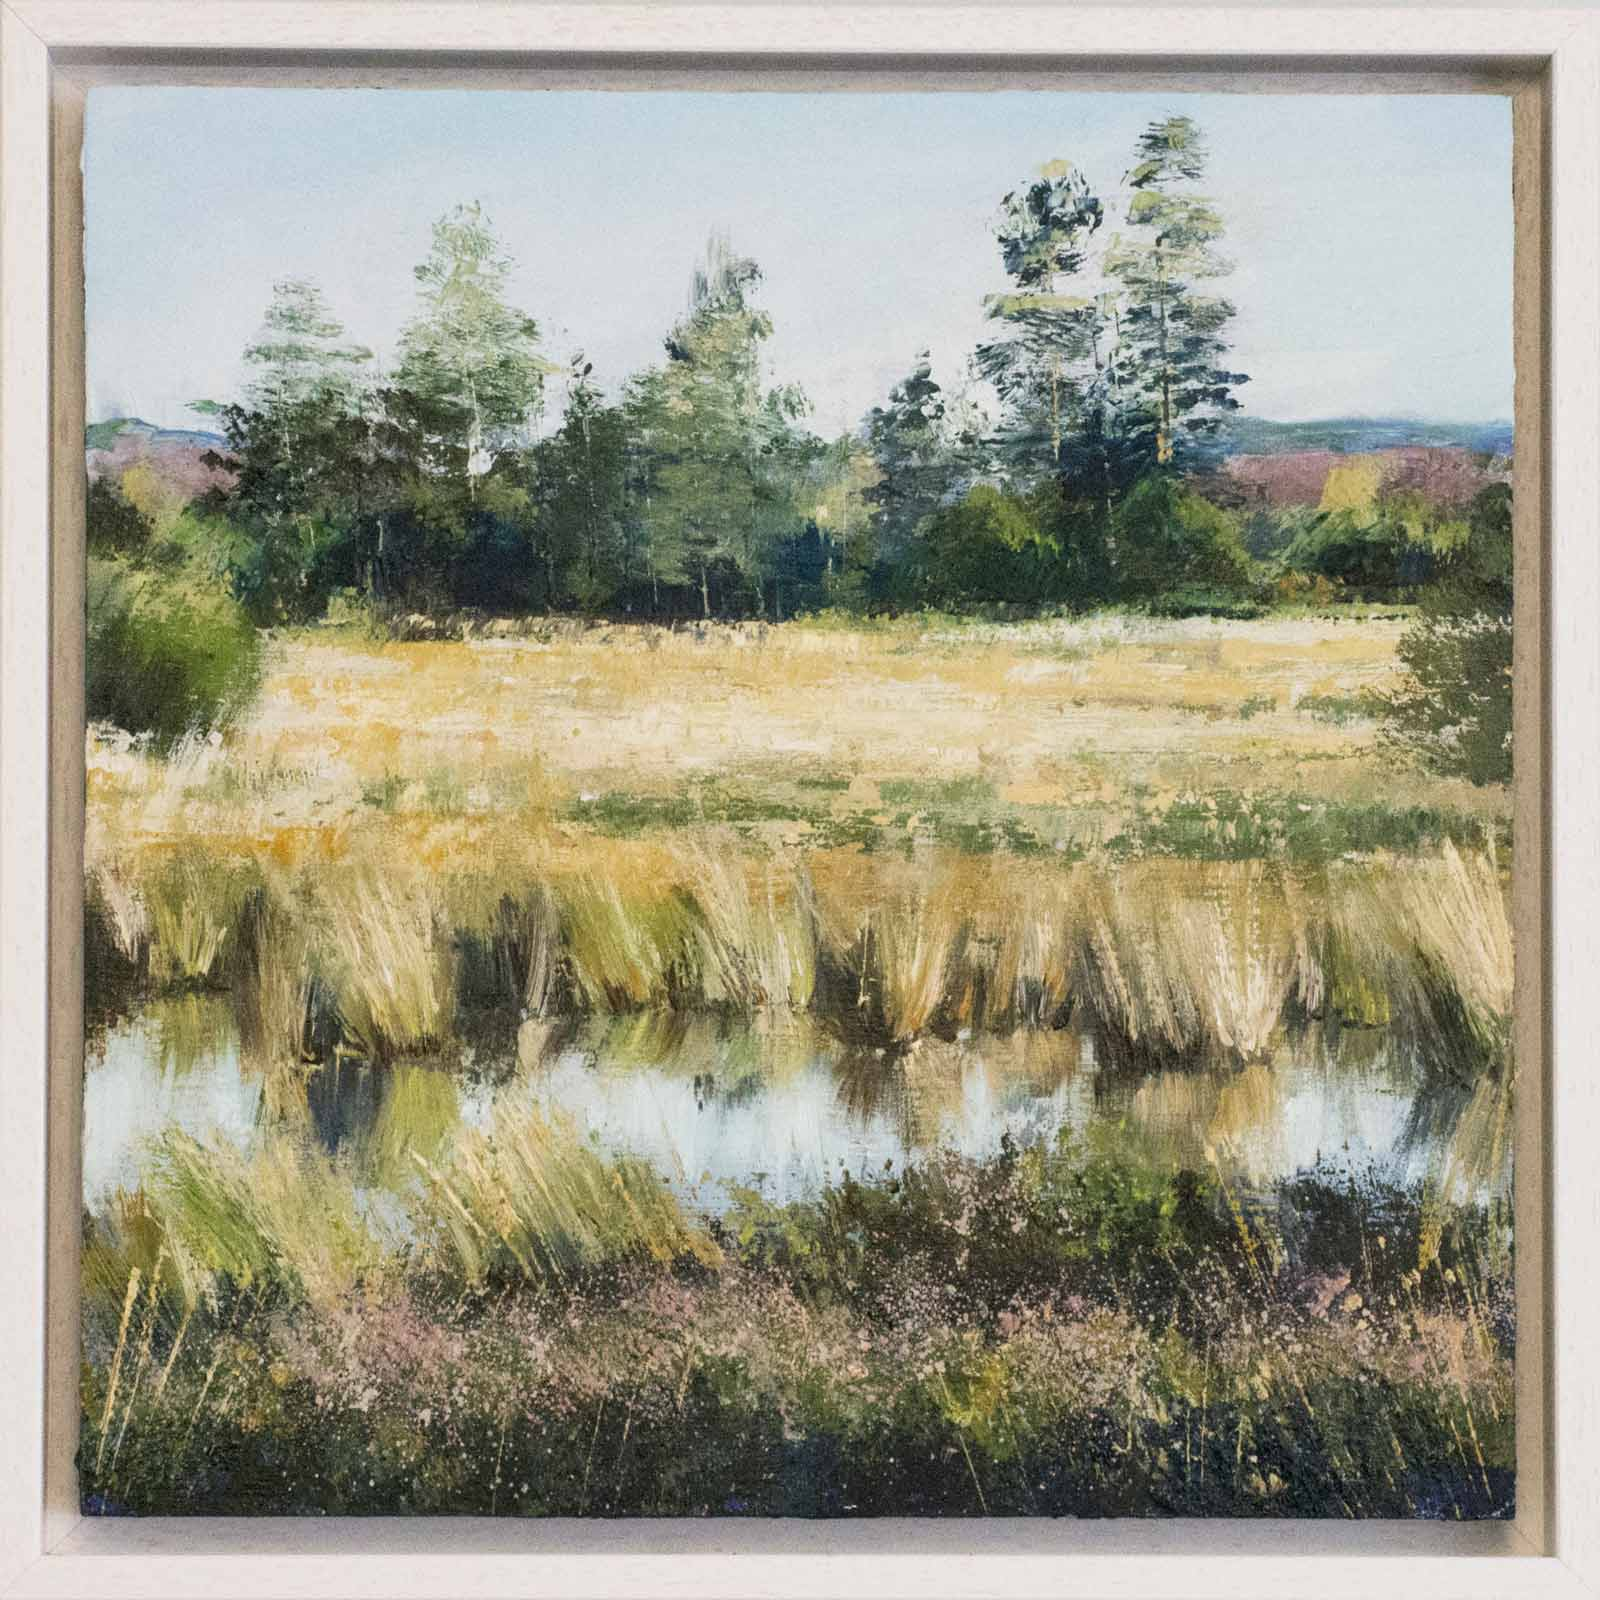 Golden Hour, Dragonfly Pond, Grace Ellen